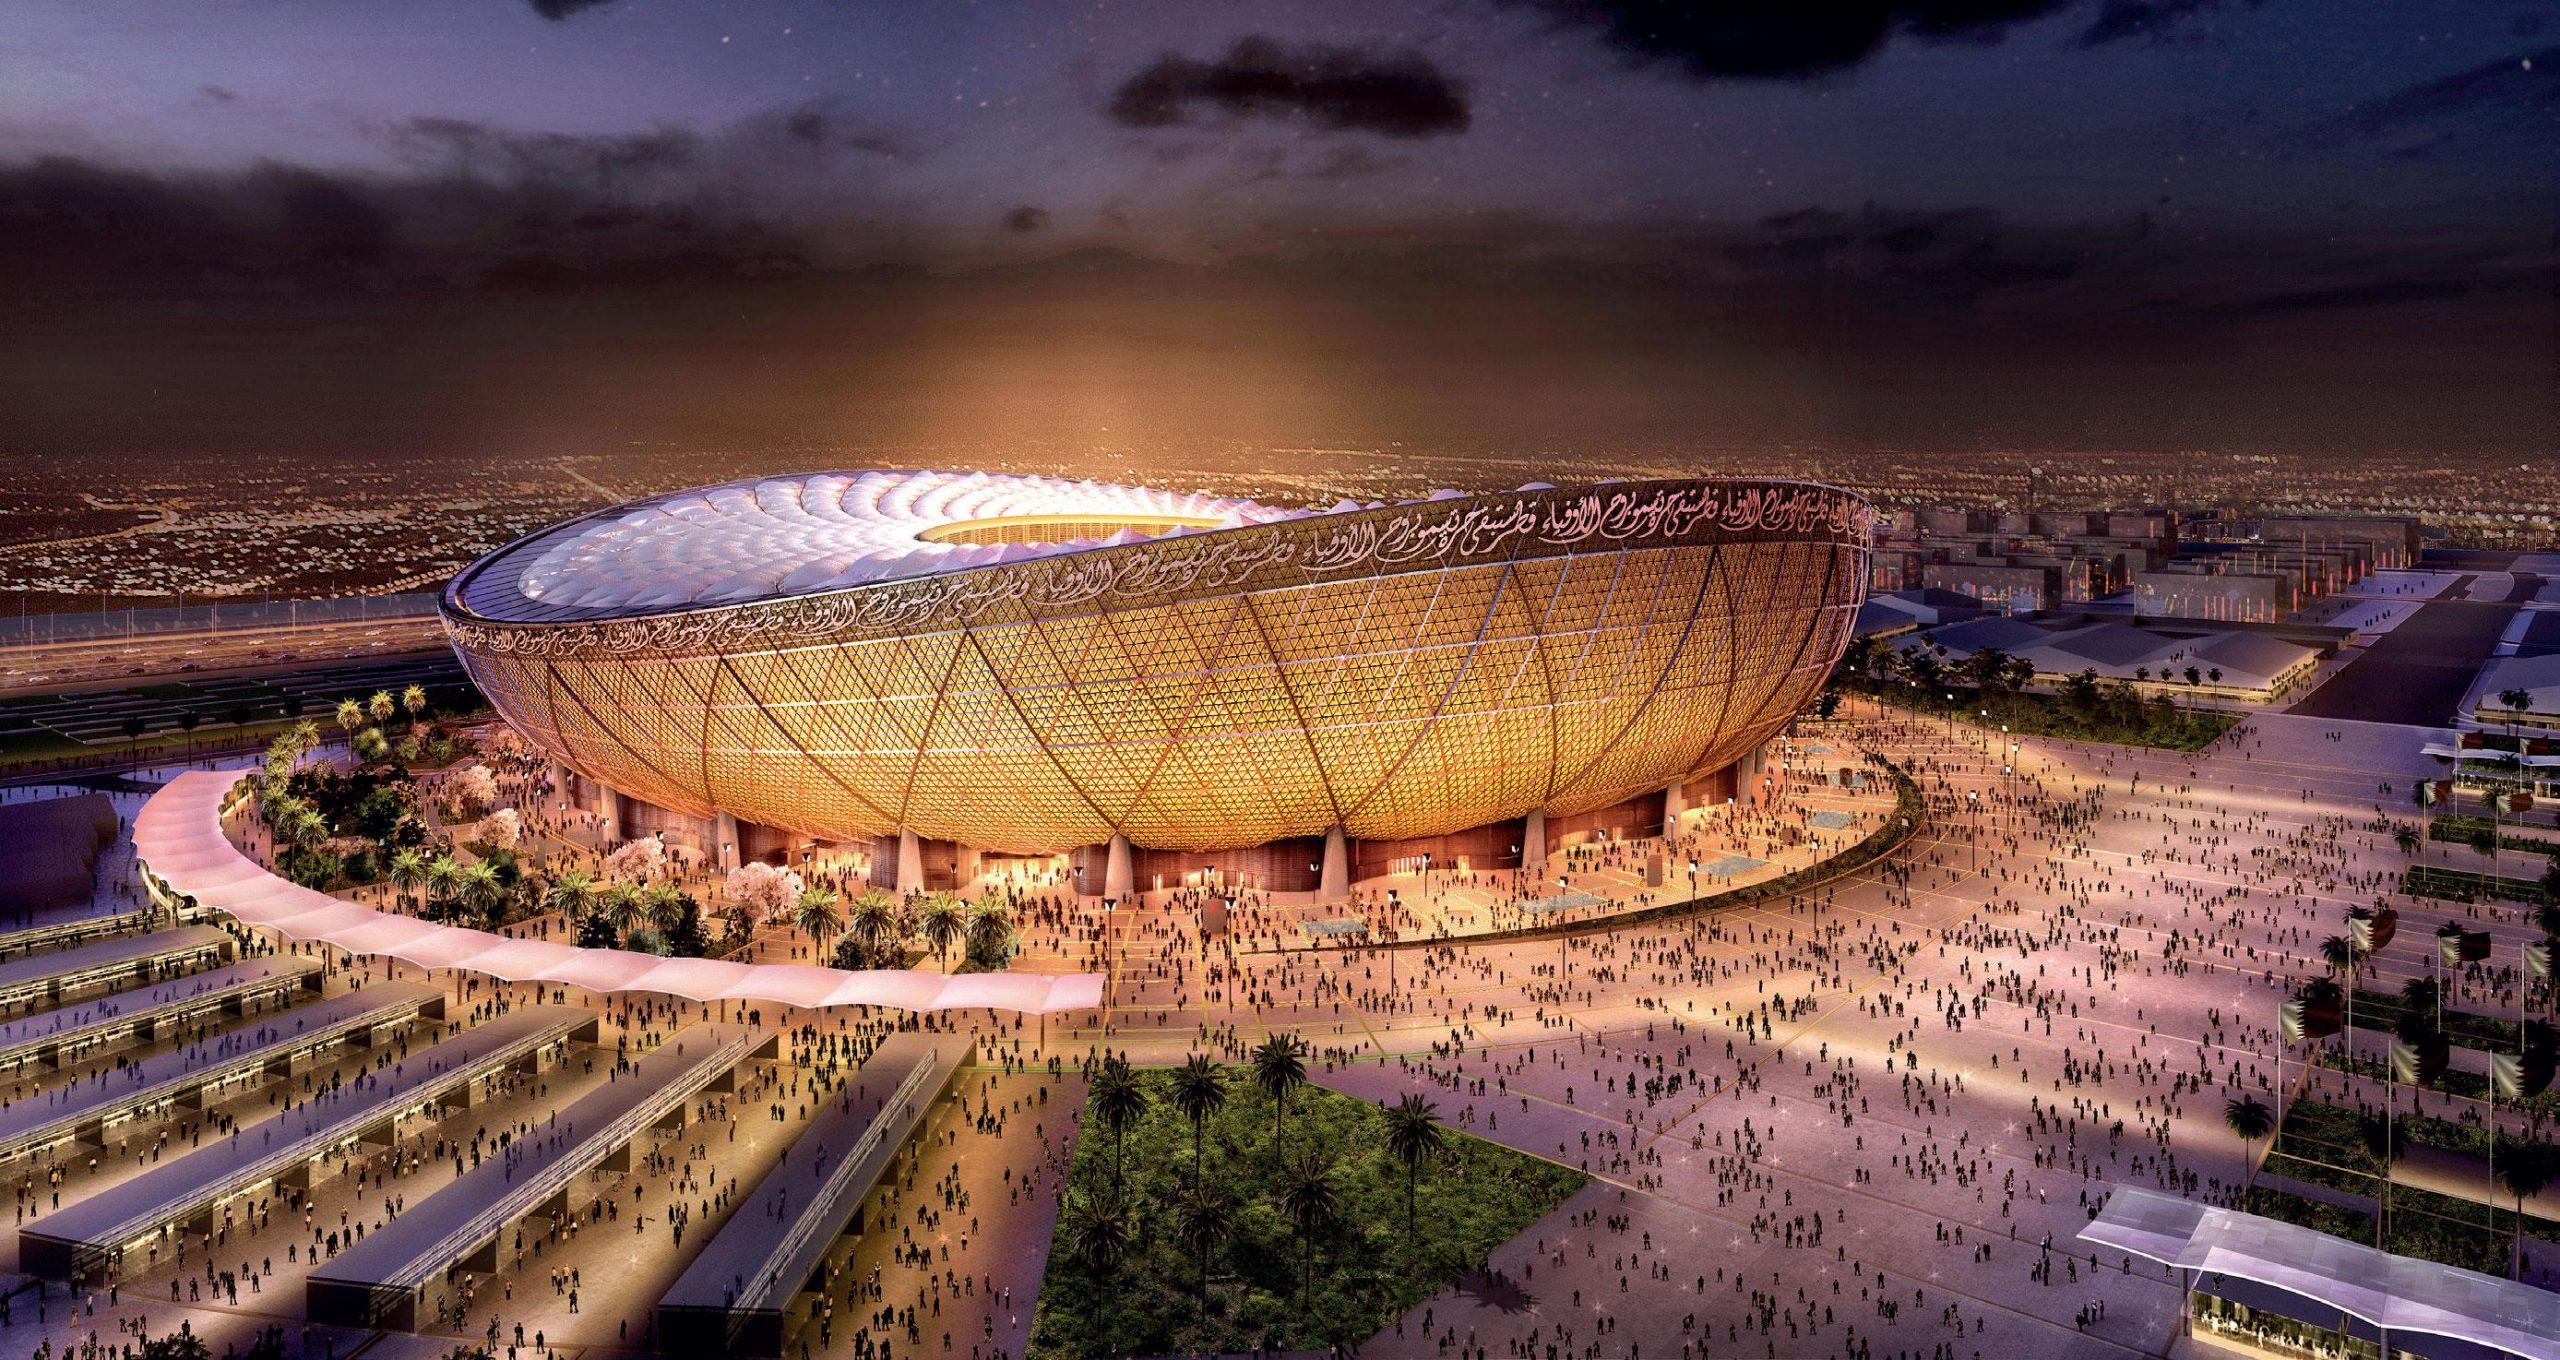 مونديال قطر 2022 صديق للبيئة